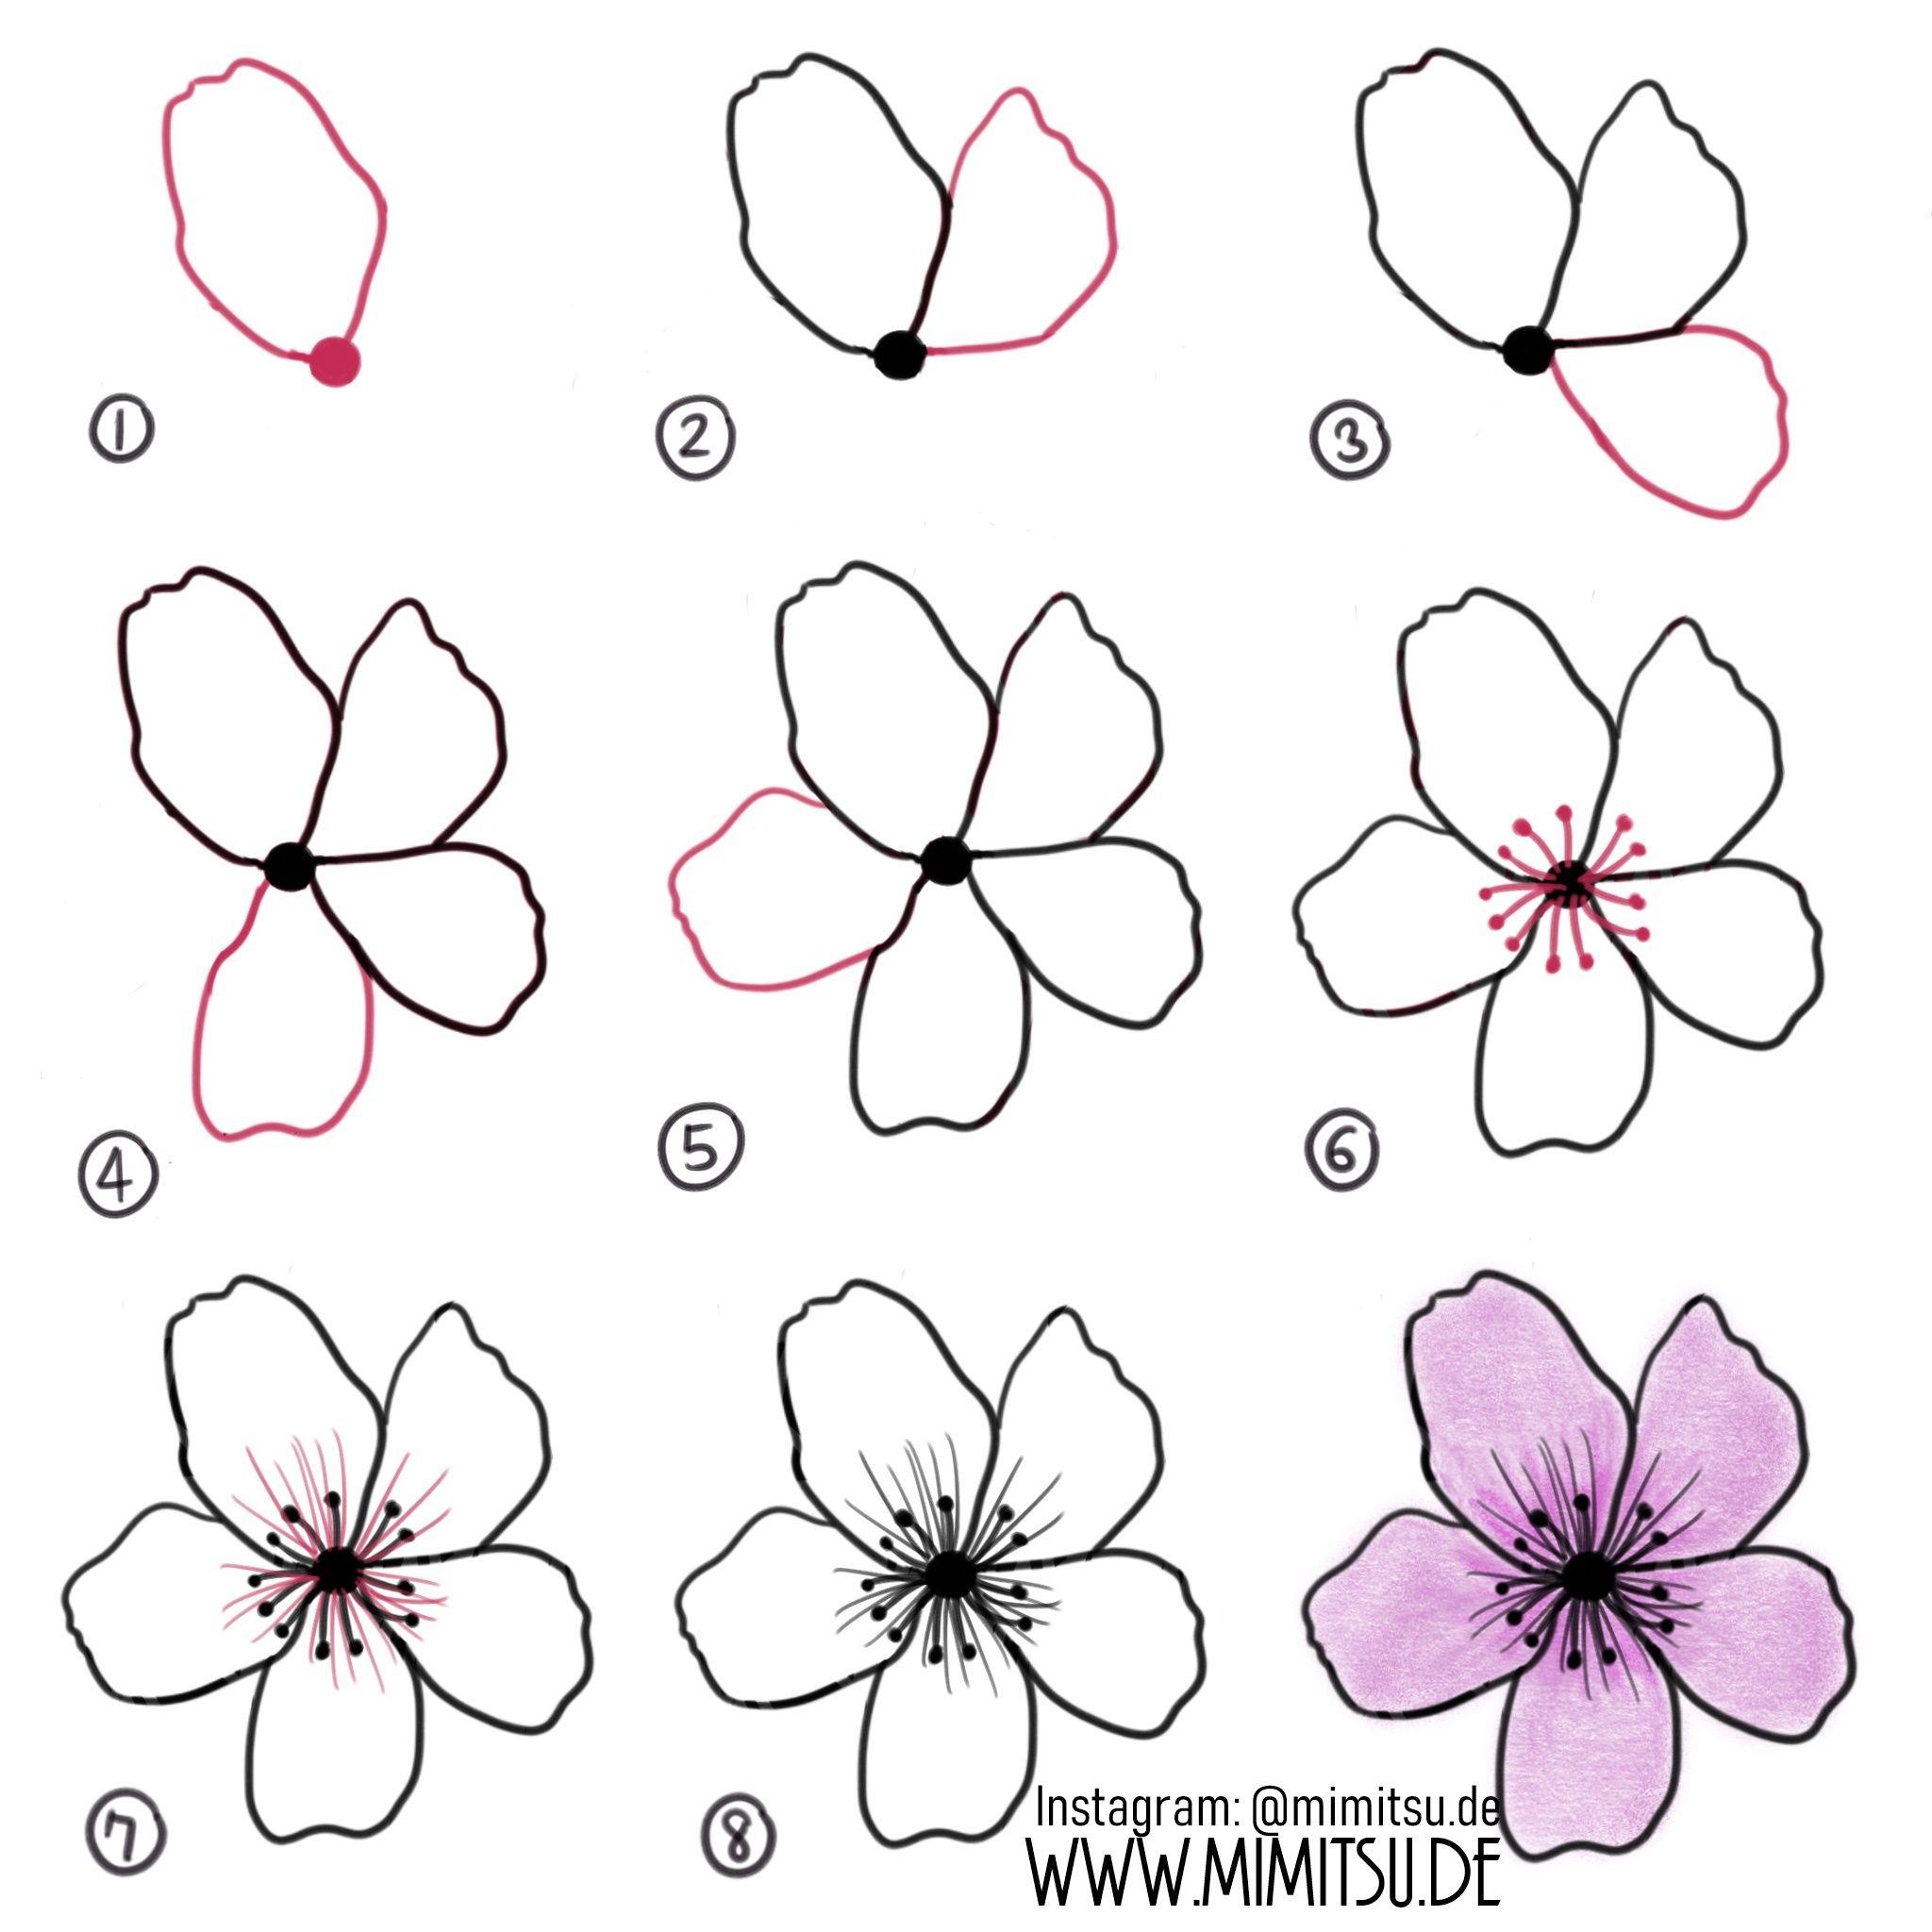 Diy How To Draw Flower Cherry Blossom Anleitung Kirschblute Blumenmalen Blumen Zeichnen Pflanzenzeichnung Blumenzeichnung